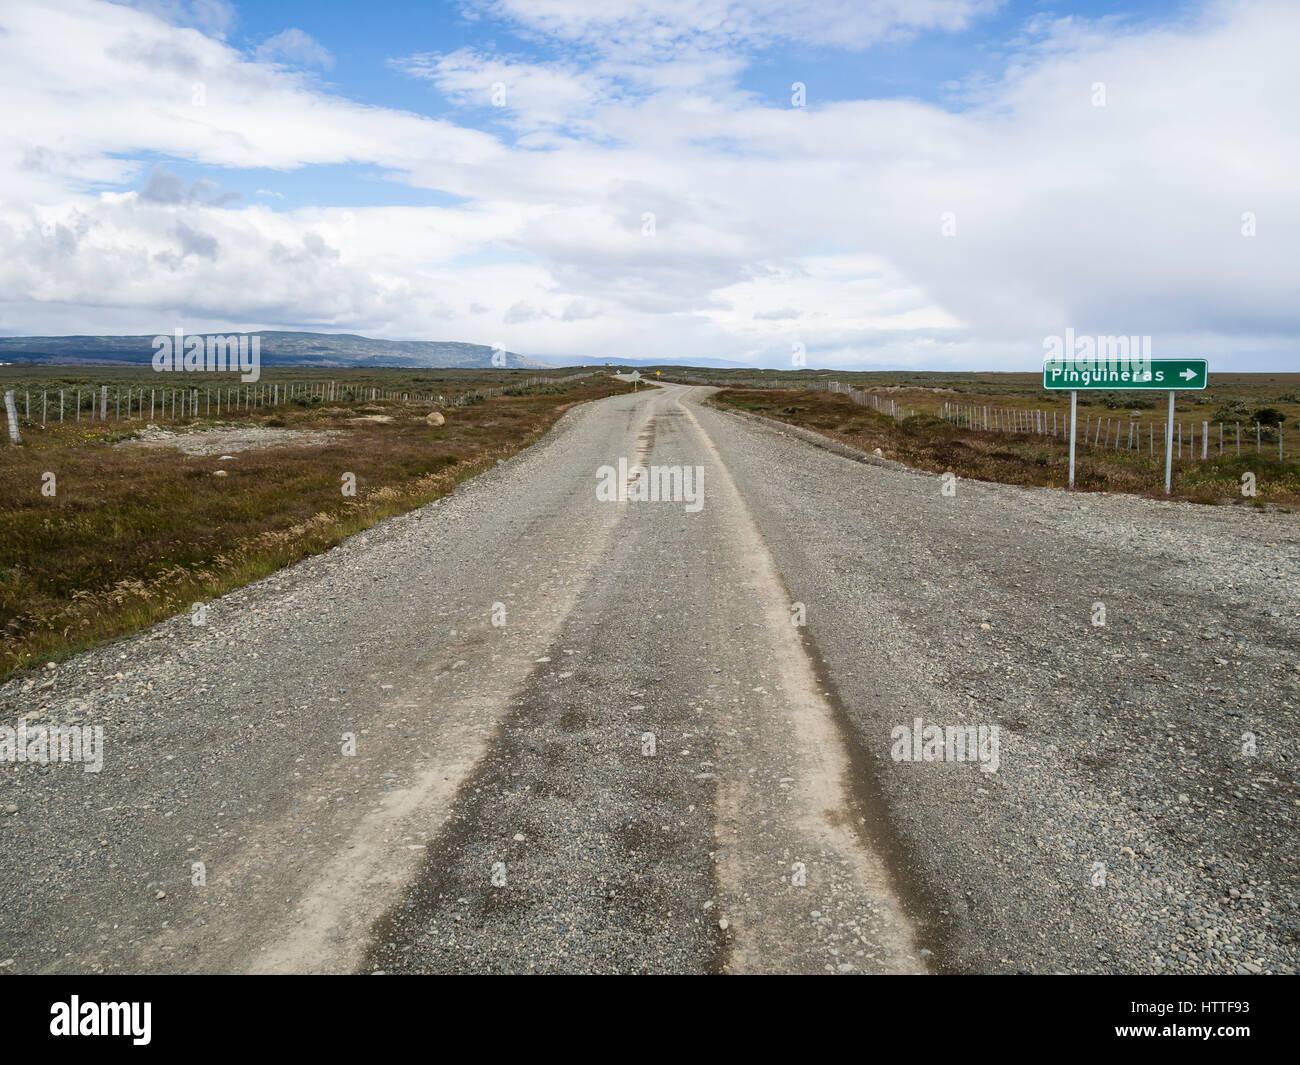 Carretera rural al Seno Otway pingüineras, cerca de Punta Arenas, Patagonia, Chile Imagen De Stock